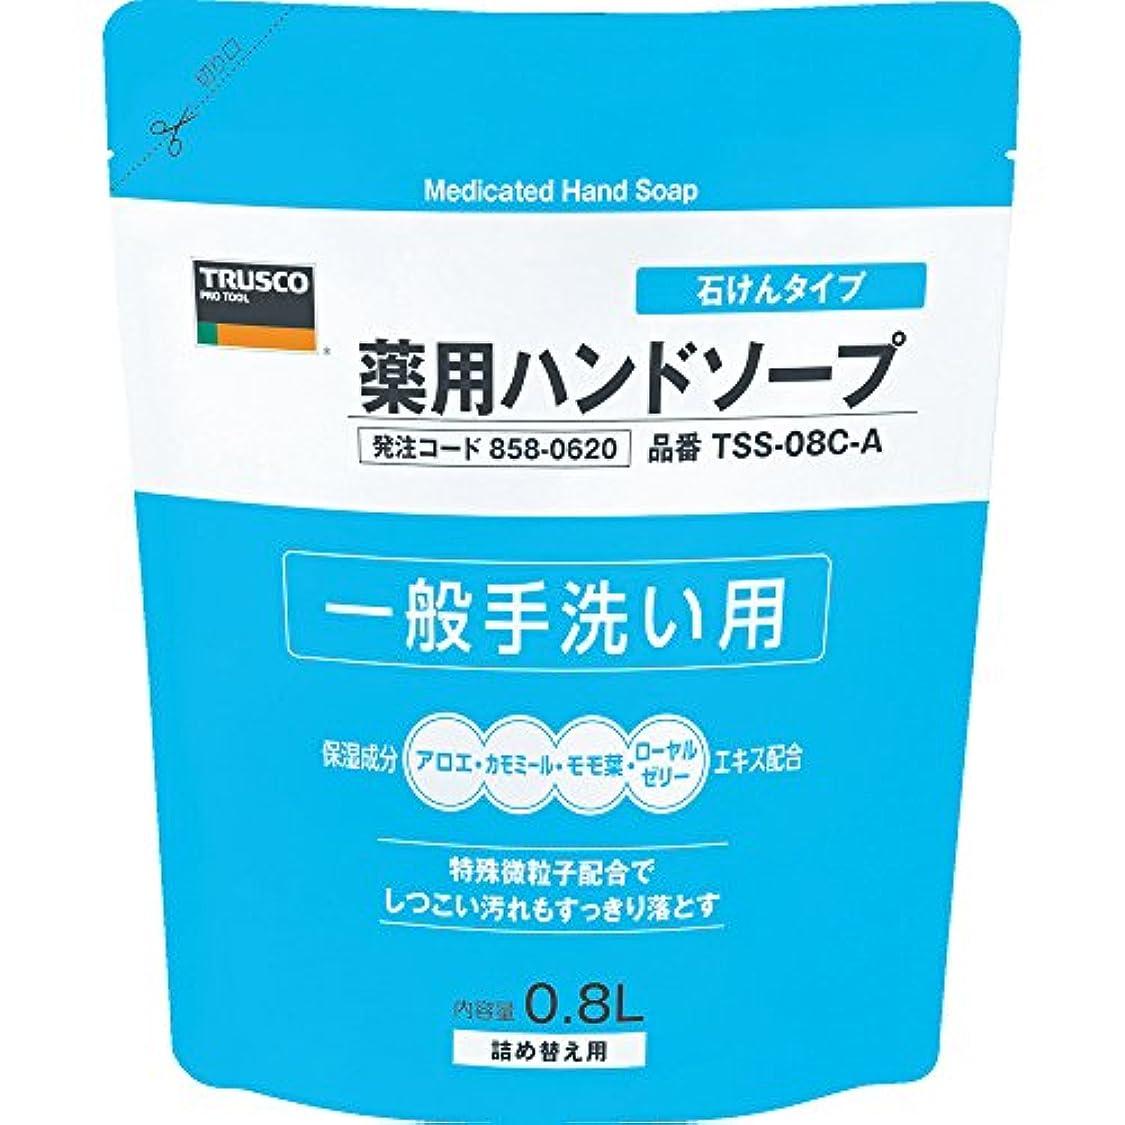 ヘクタール殉教者しないでくださいTRUSCO(トラスコ) 薬用ハンドソープ 石けんタイプ 袋入詰替 0.8L TSS-08C-A